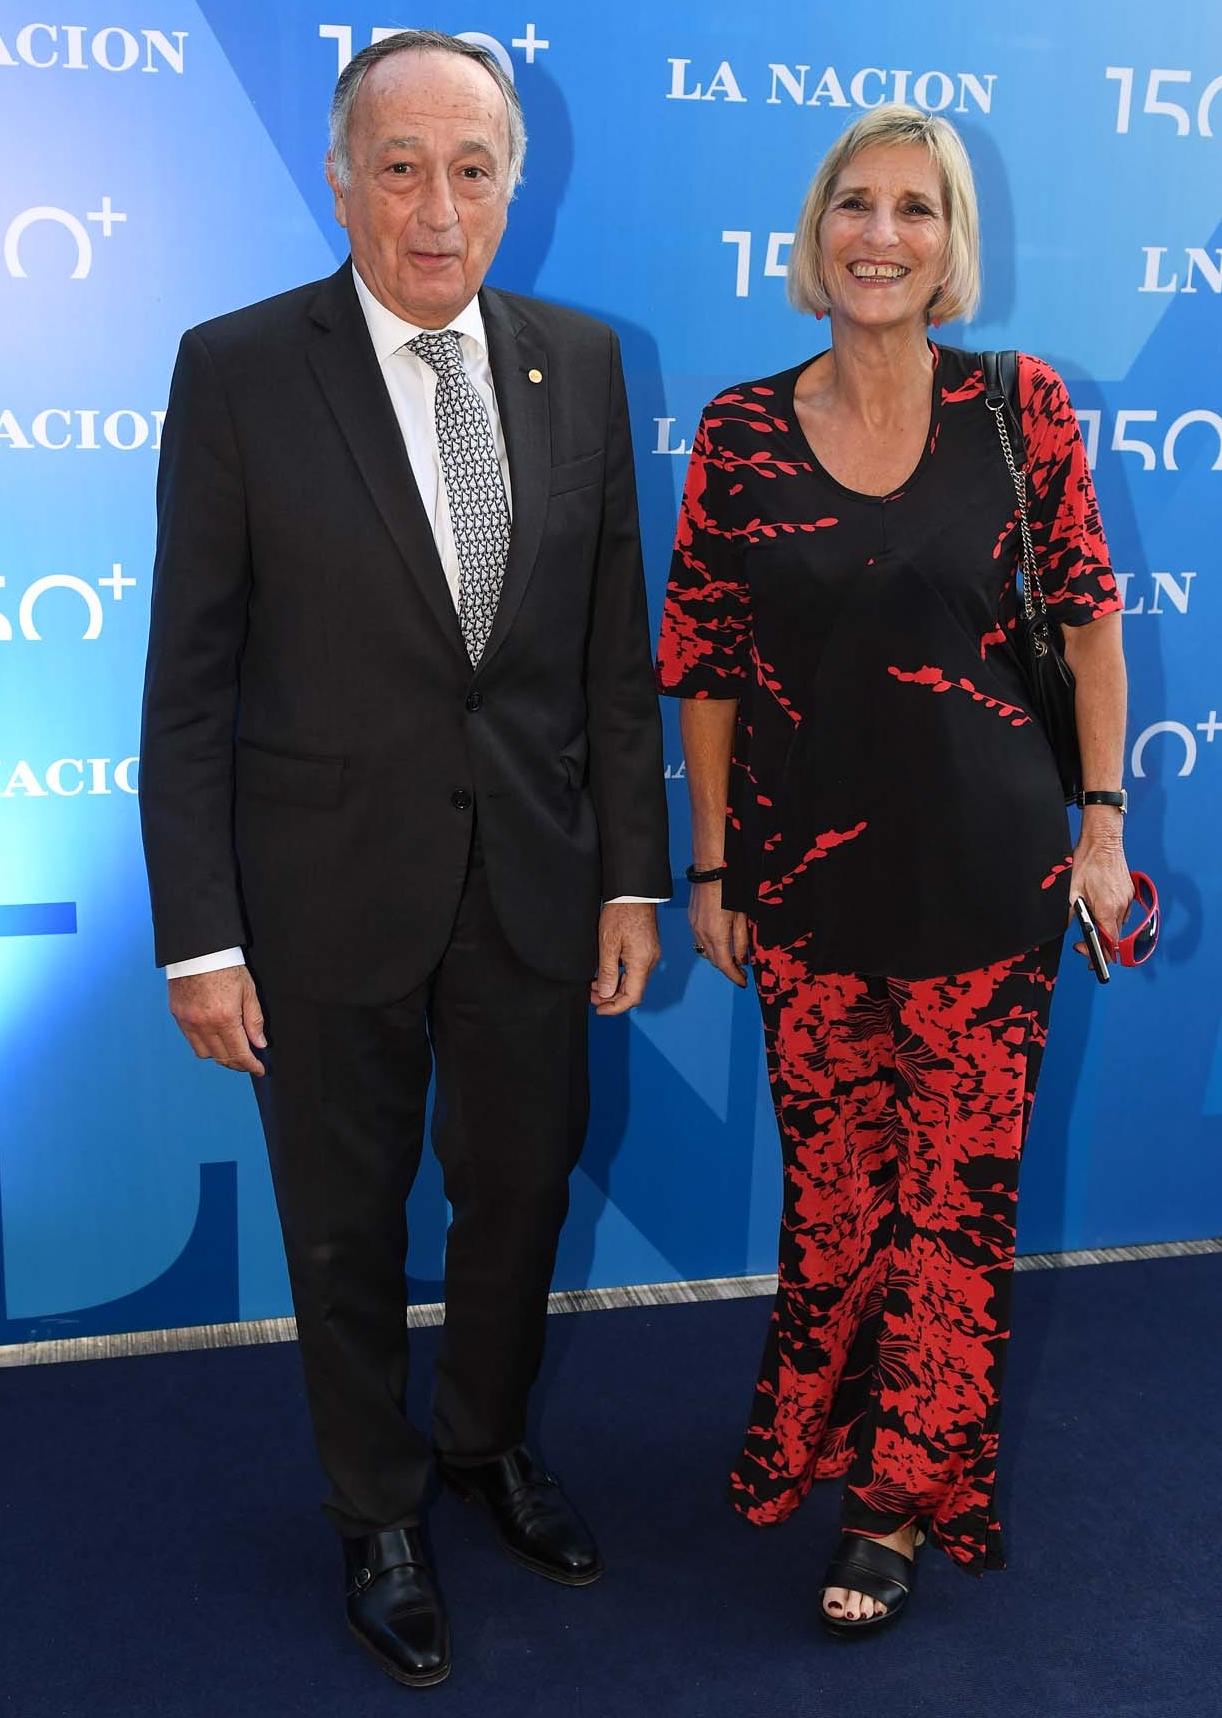 Miguel Acevedo, presidente de la Unión Industrial Argentina, y la periodista Liliana Franco